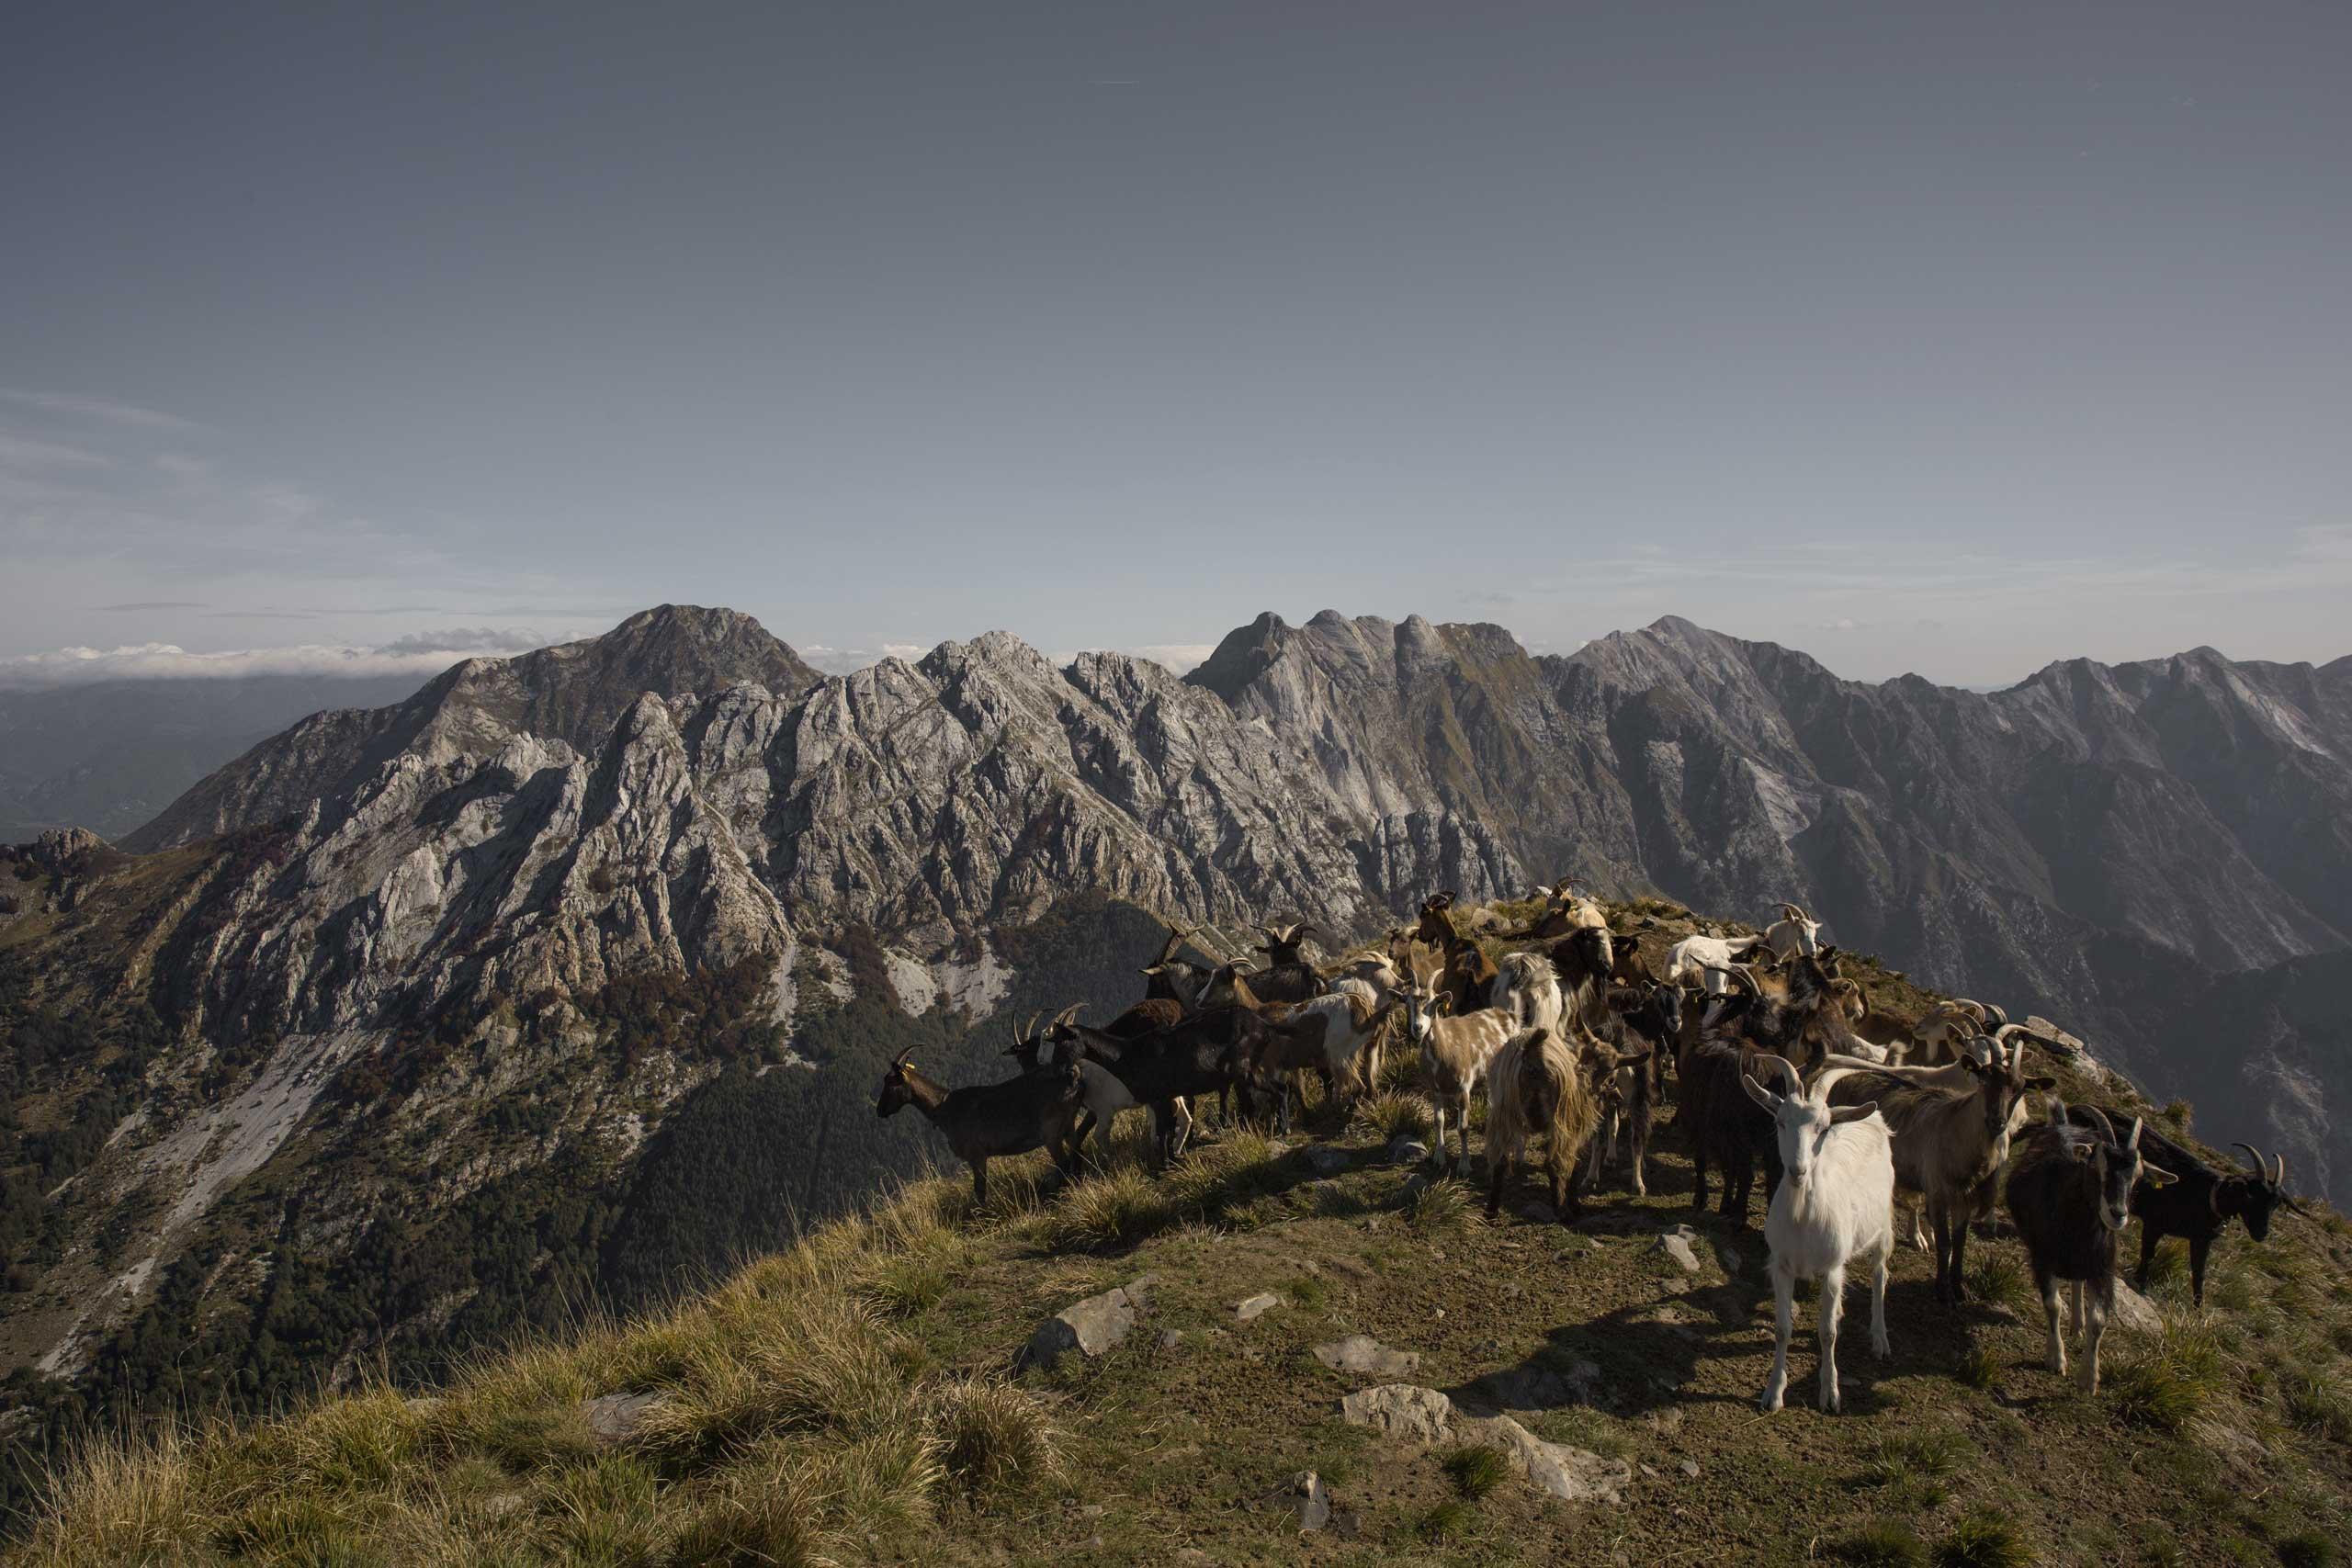 Alpi Apuane: a spasso tra la terra e il mare